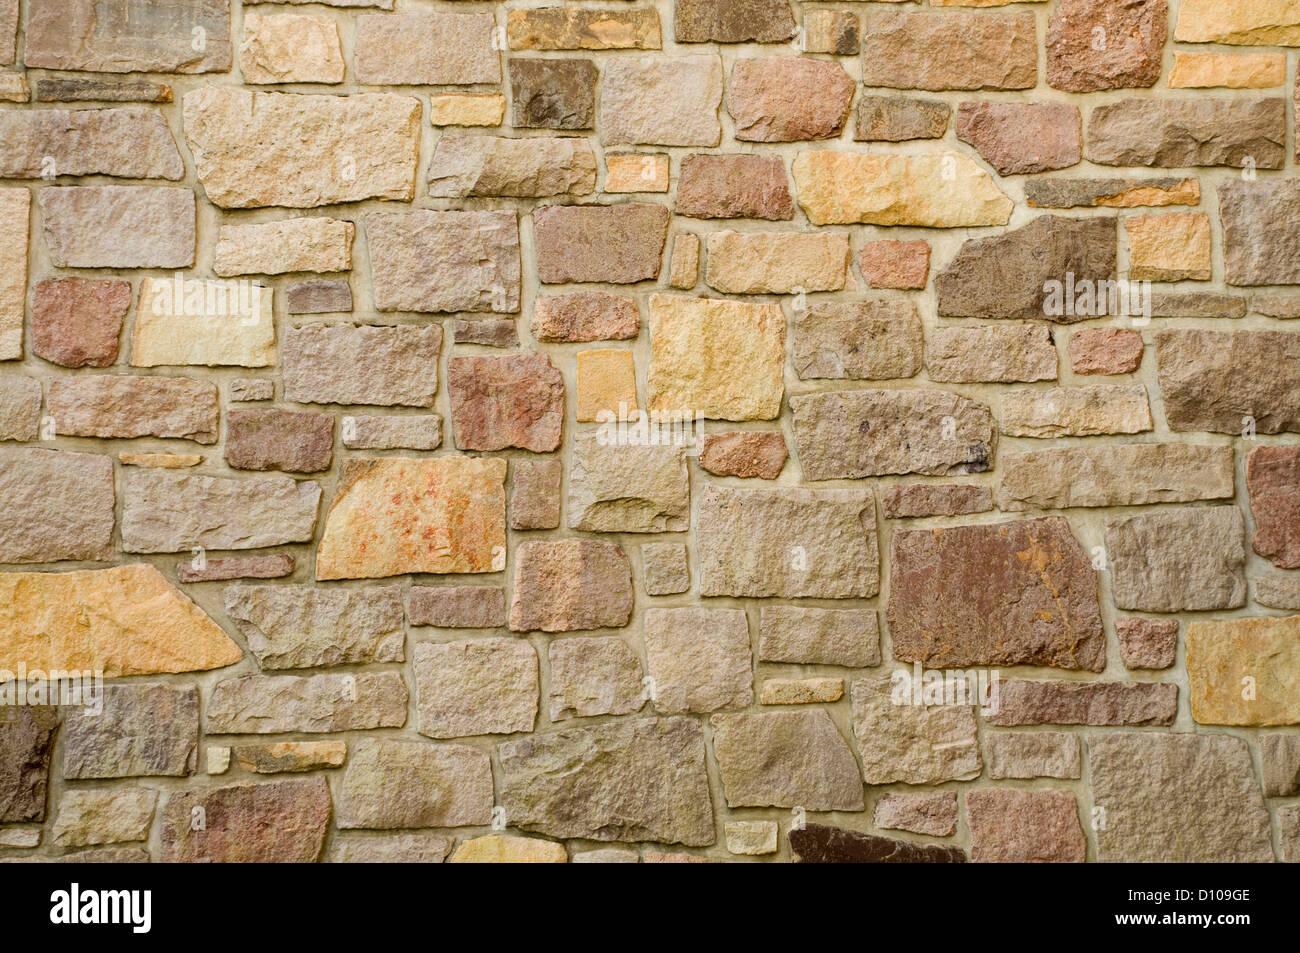 Ein Mauerwerk von bunten Steinen oder Blöcke Stockfoto